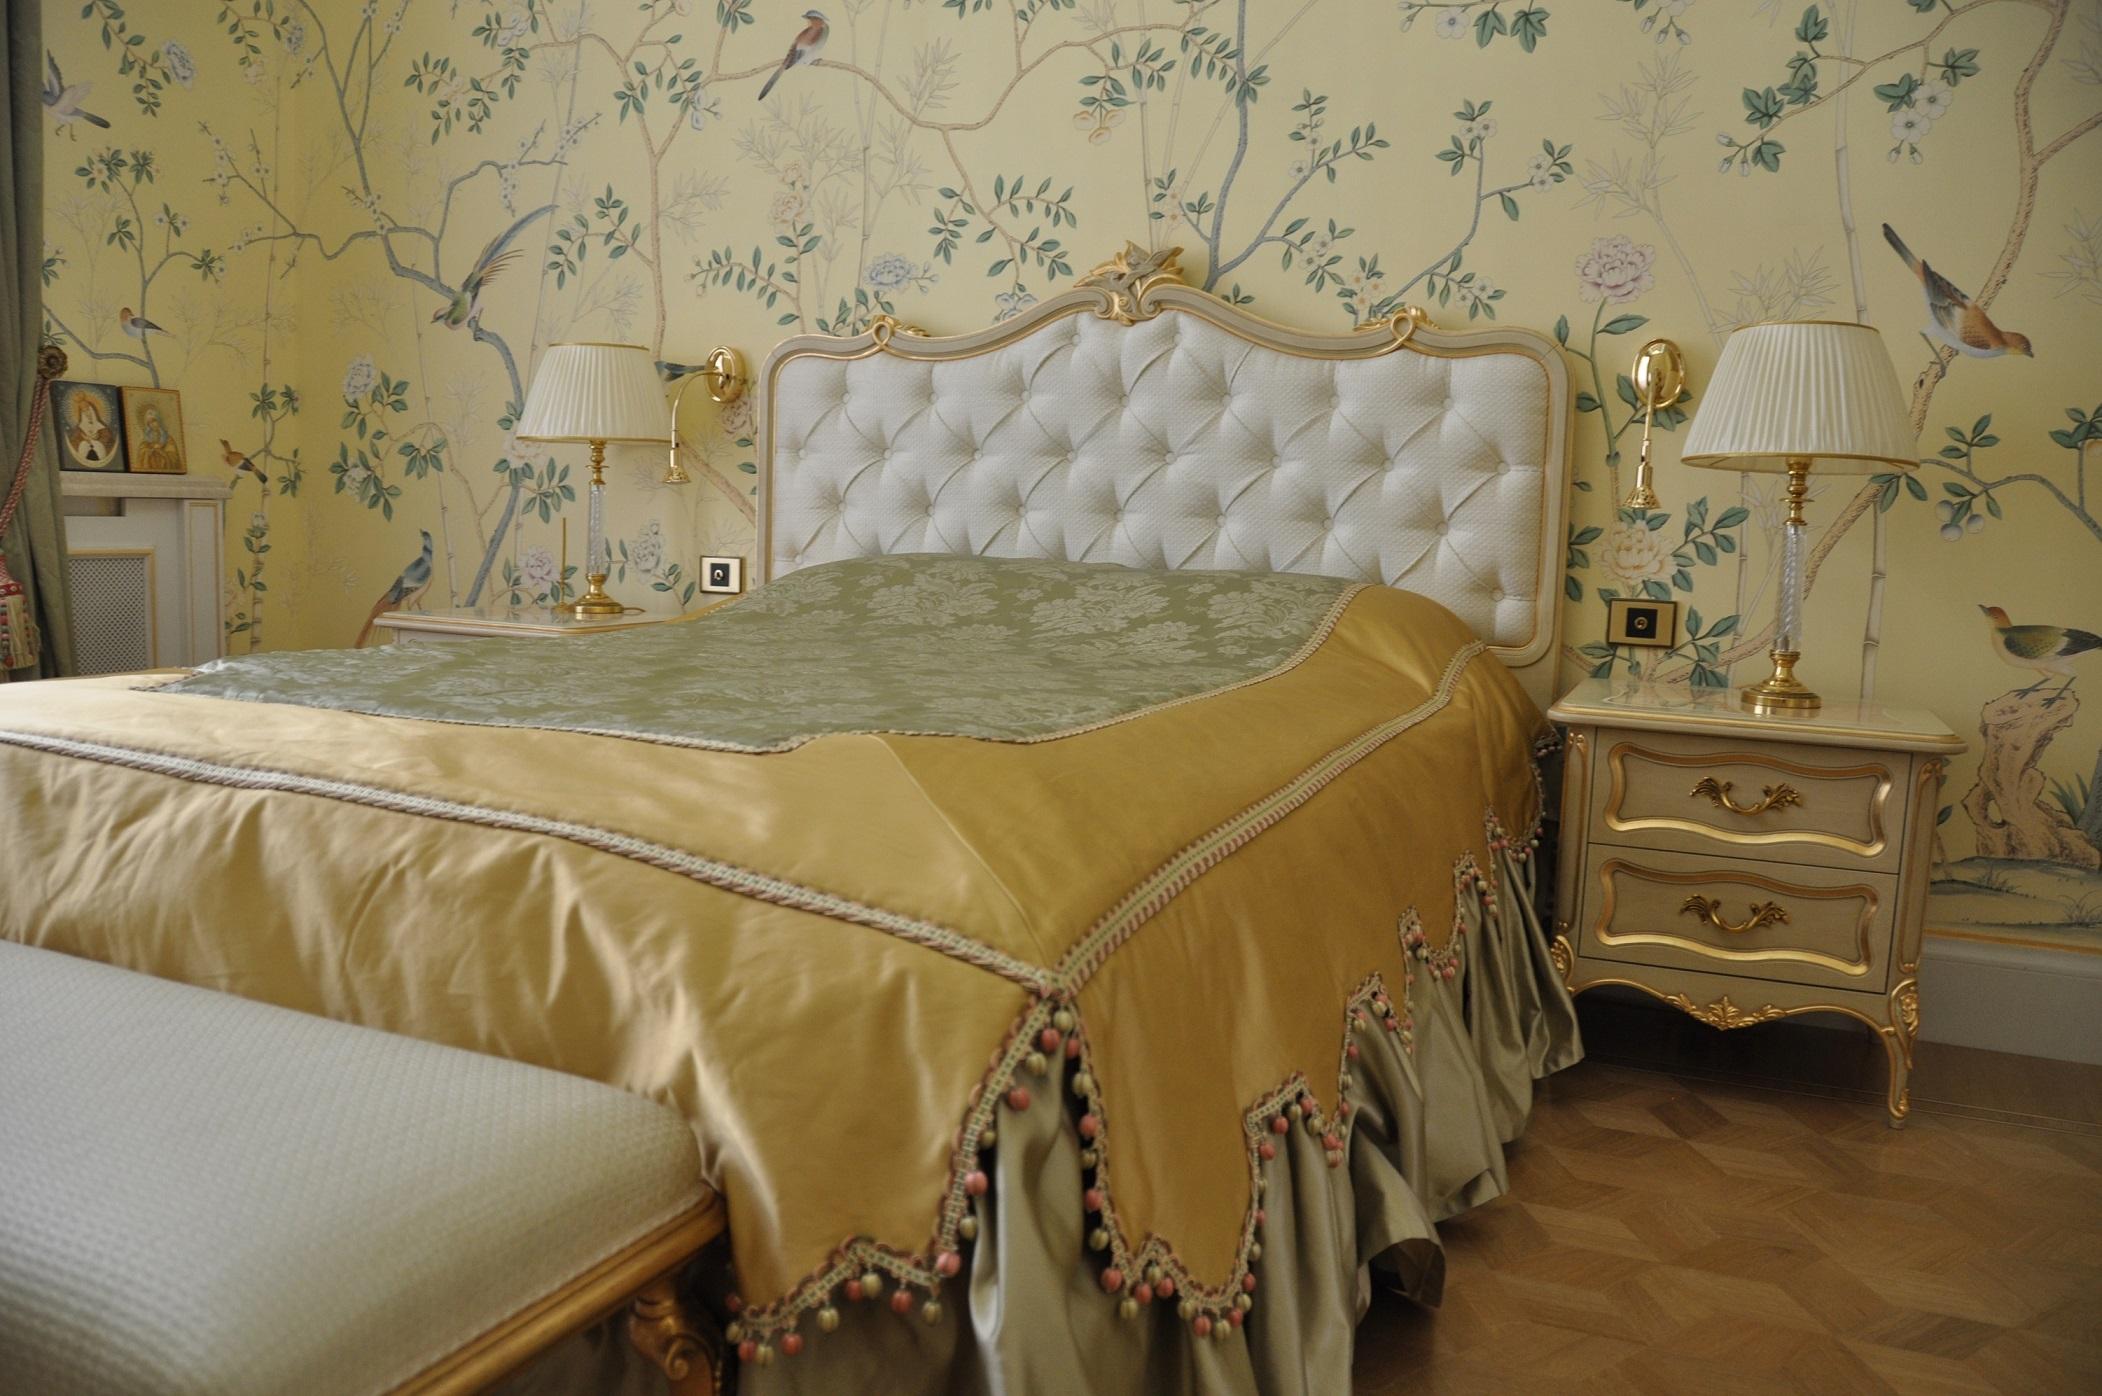 Обои de gournay в интерьере классической спальни в Романовой переулке